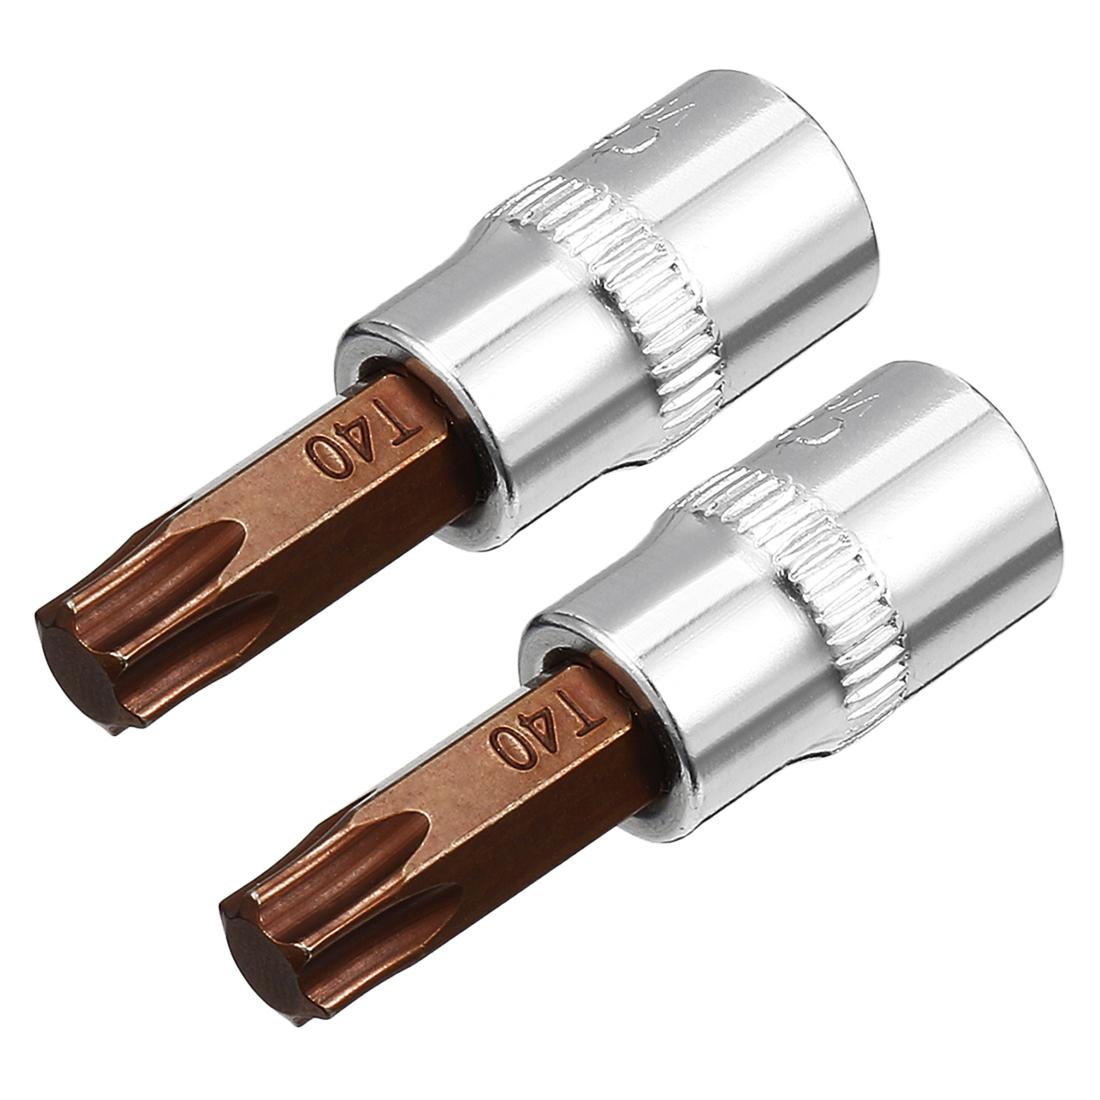 Tasharina 2 Pcs 1/4-Inch Drive T40 Torx Bit Socket, S2 Steel